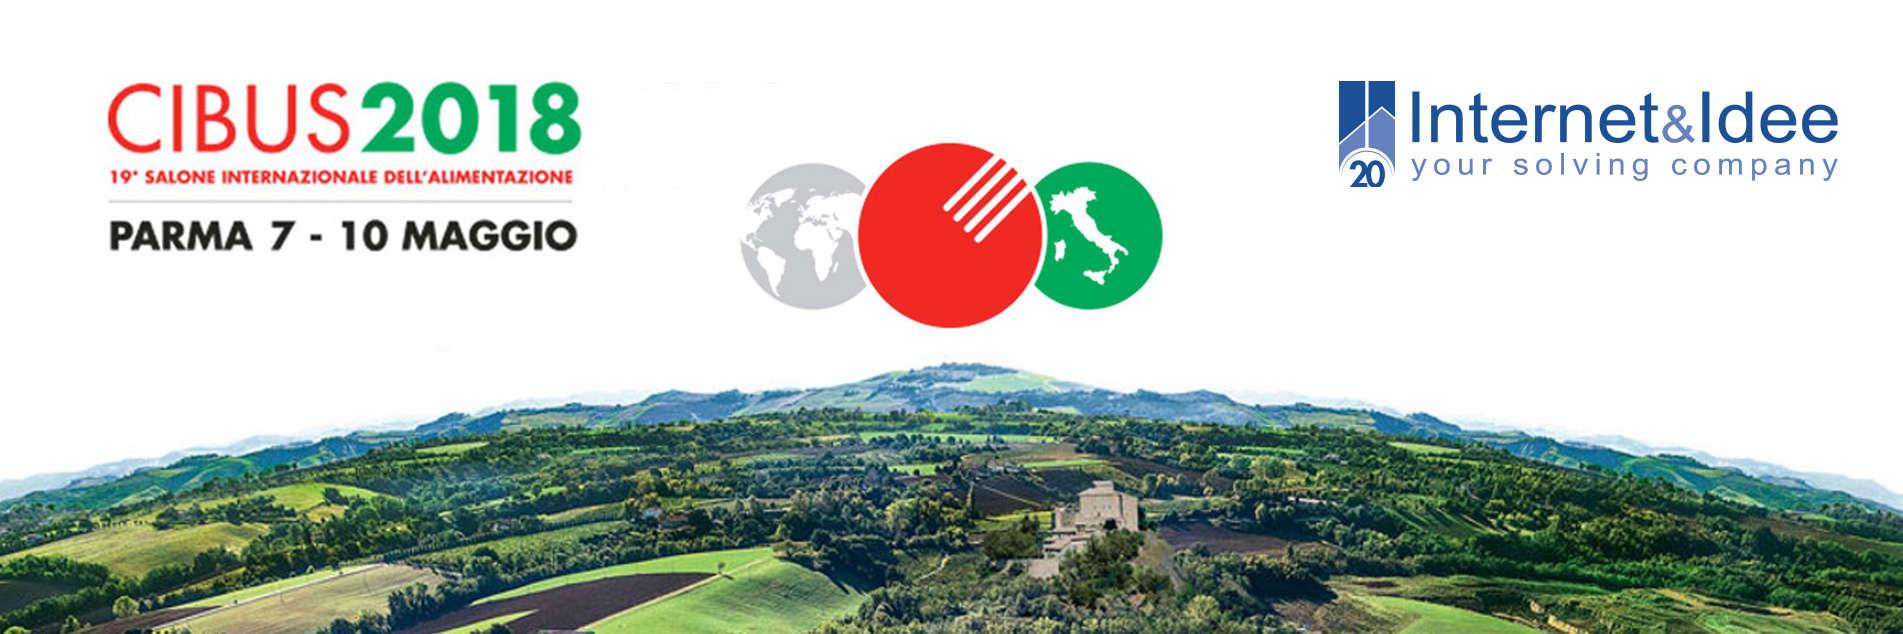 I&I al Cibus 2018 per innovare e promuovere il Made in Italy